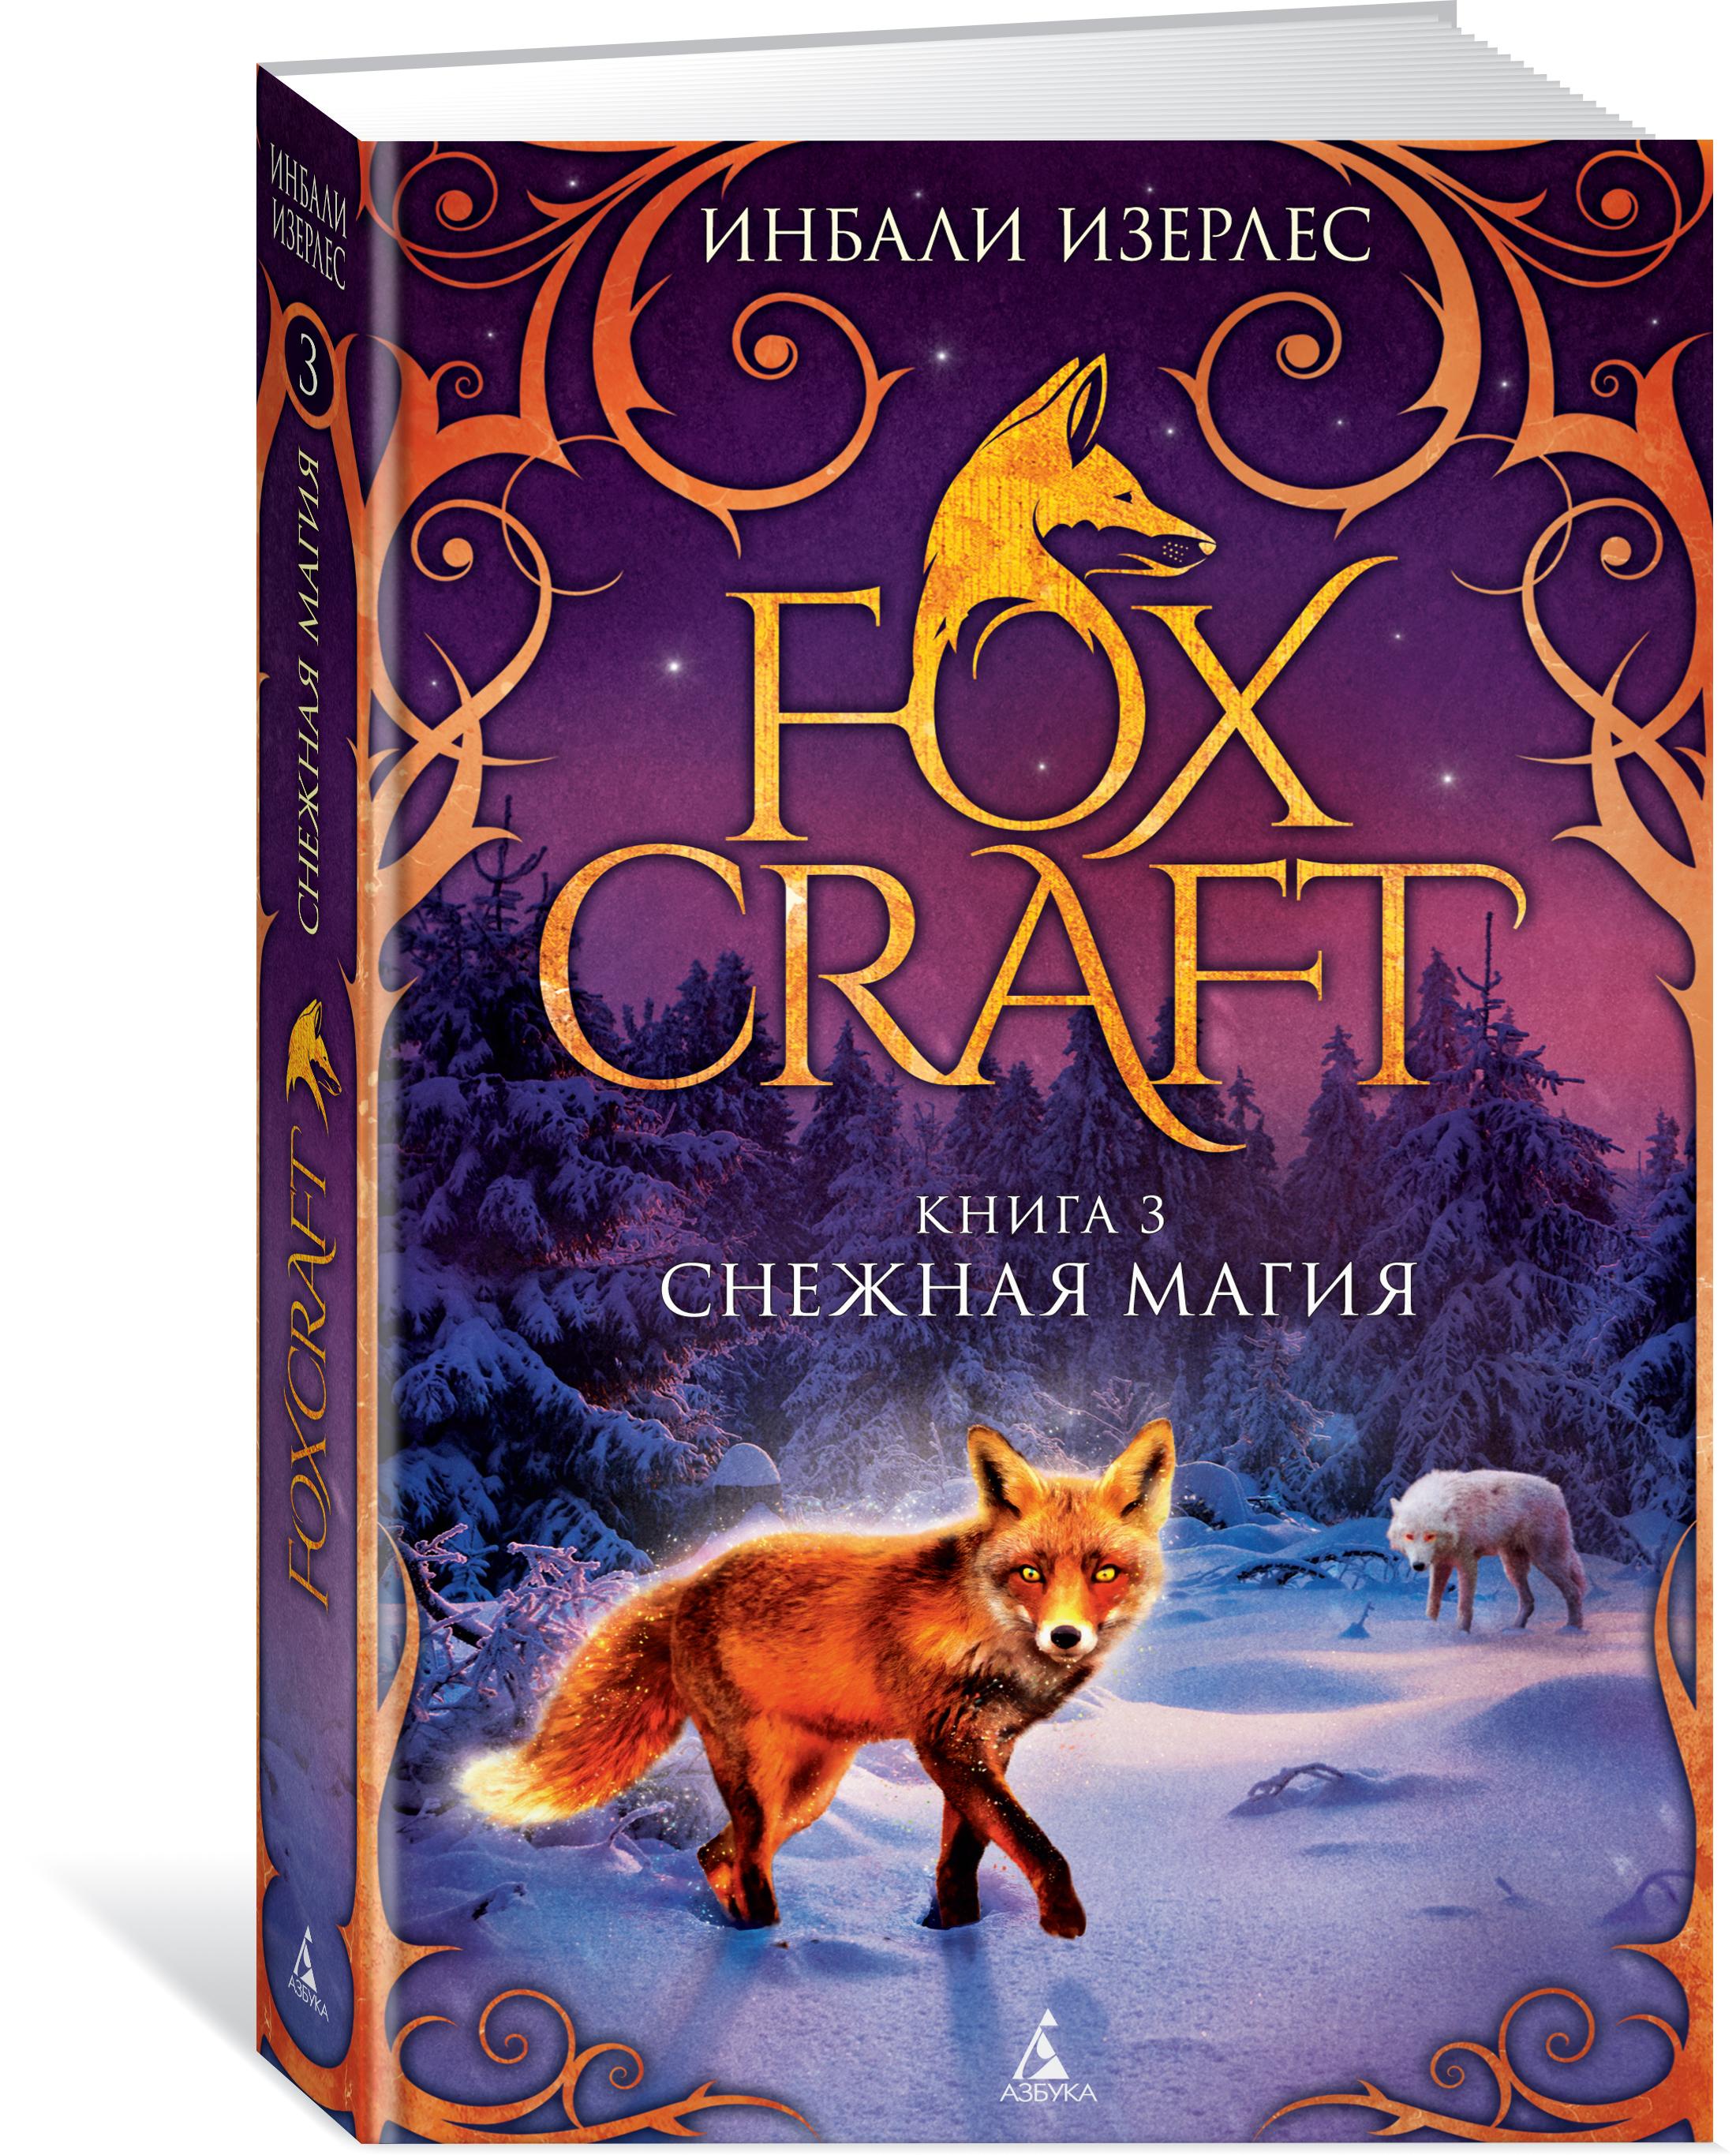 Инбали Изерлес Foxcraft. Книга 3. Снежная магия инбали изерлес зачарованные